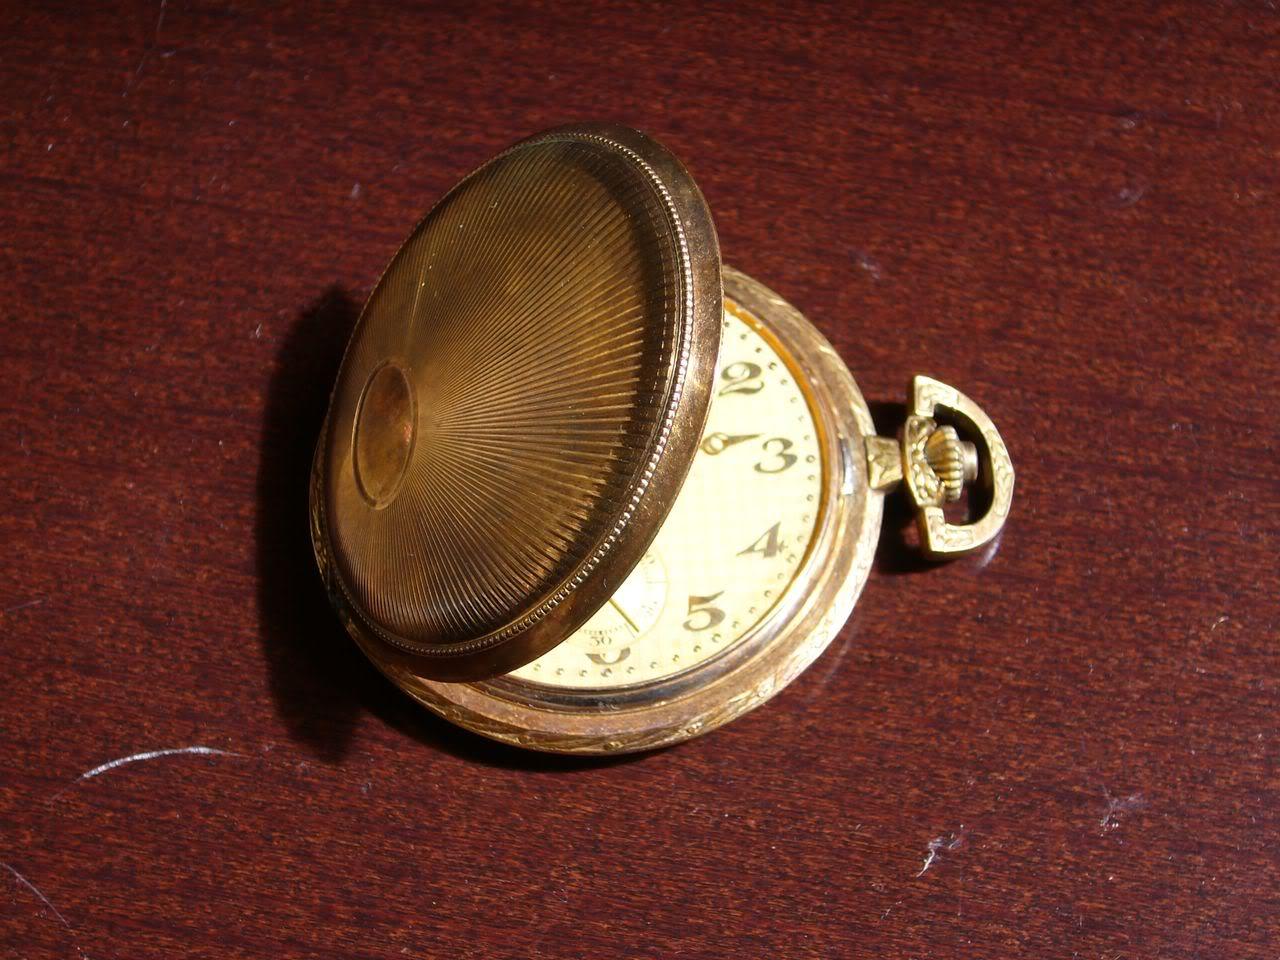 Goussets vintage en or - besoin d'avis! P10002491280x768